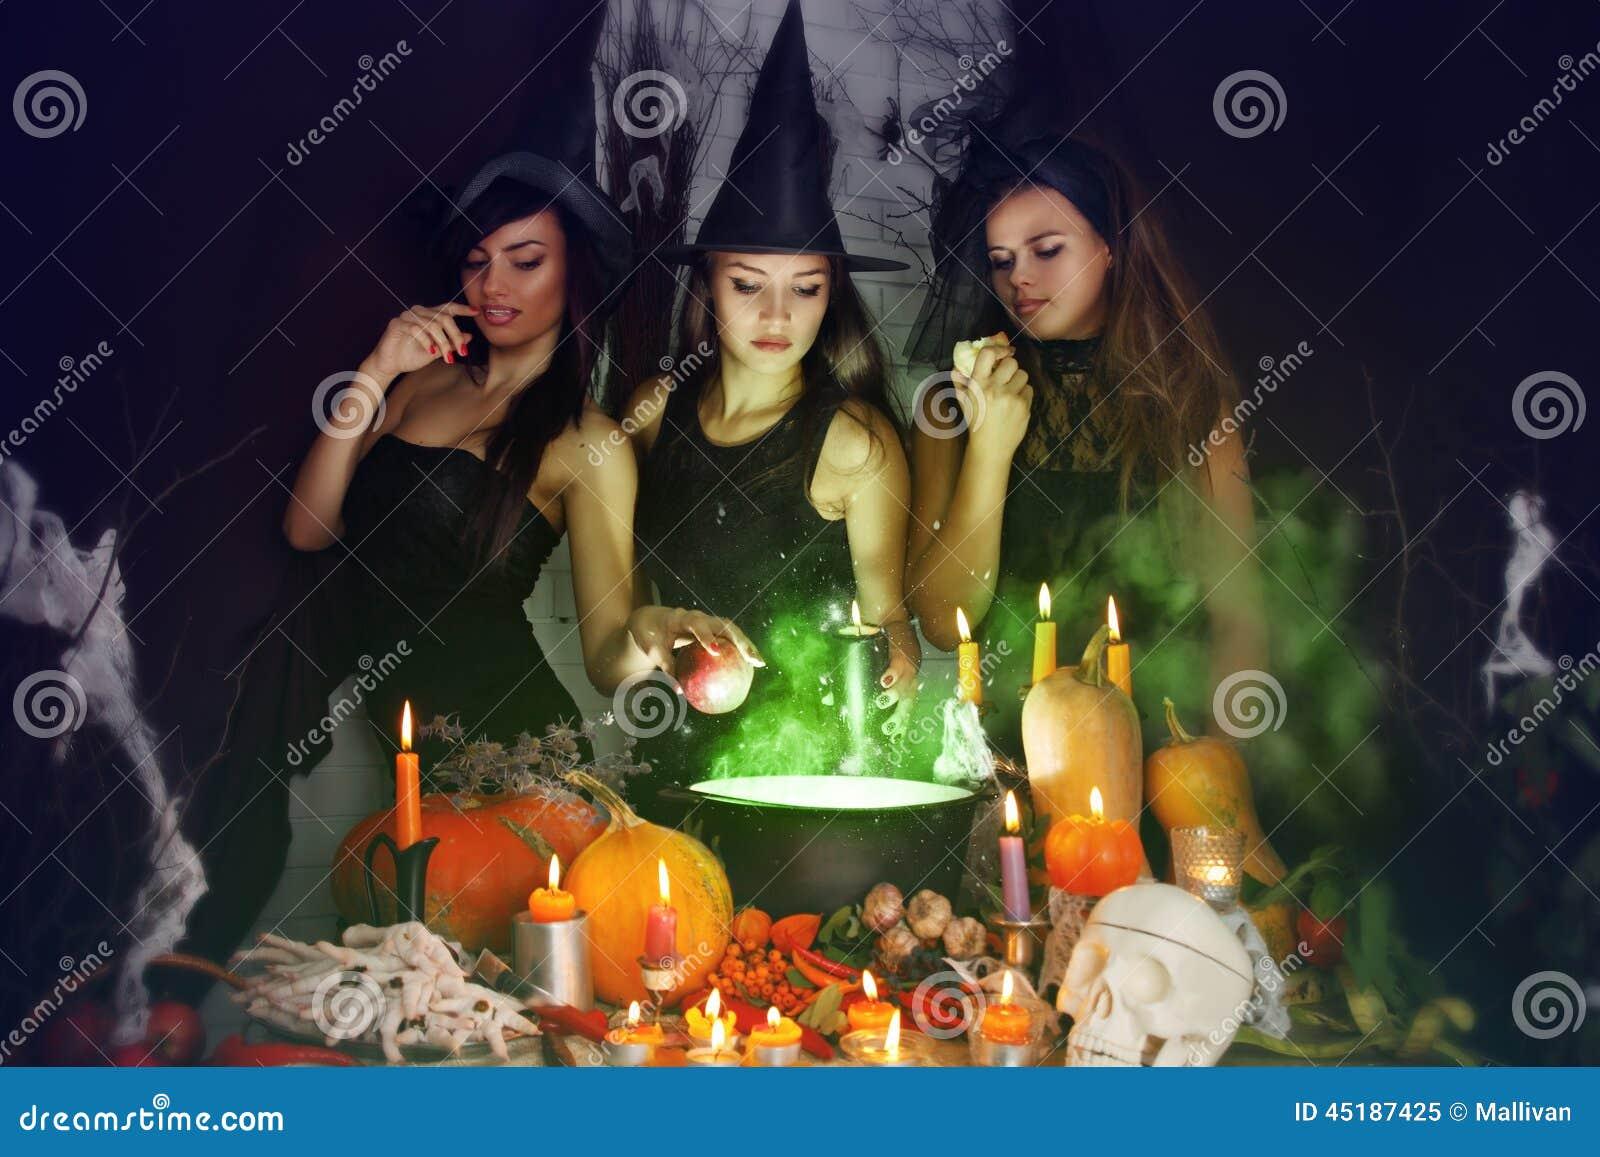 Hexen brauen den Trank stockbild. Bild von beschwörung - 45187425